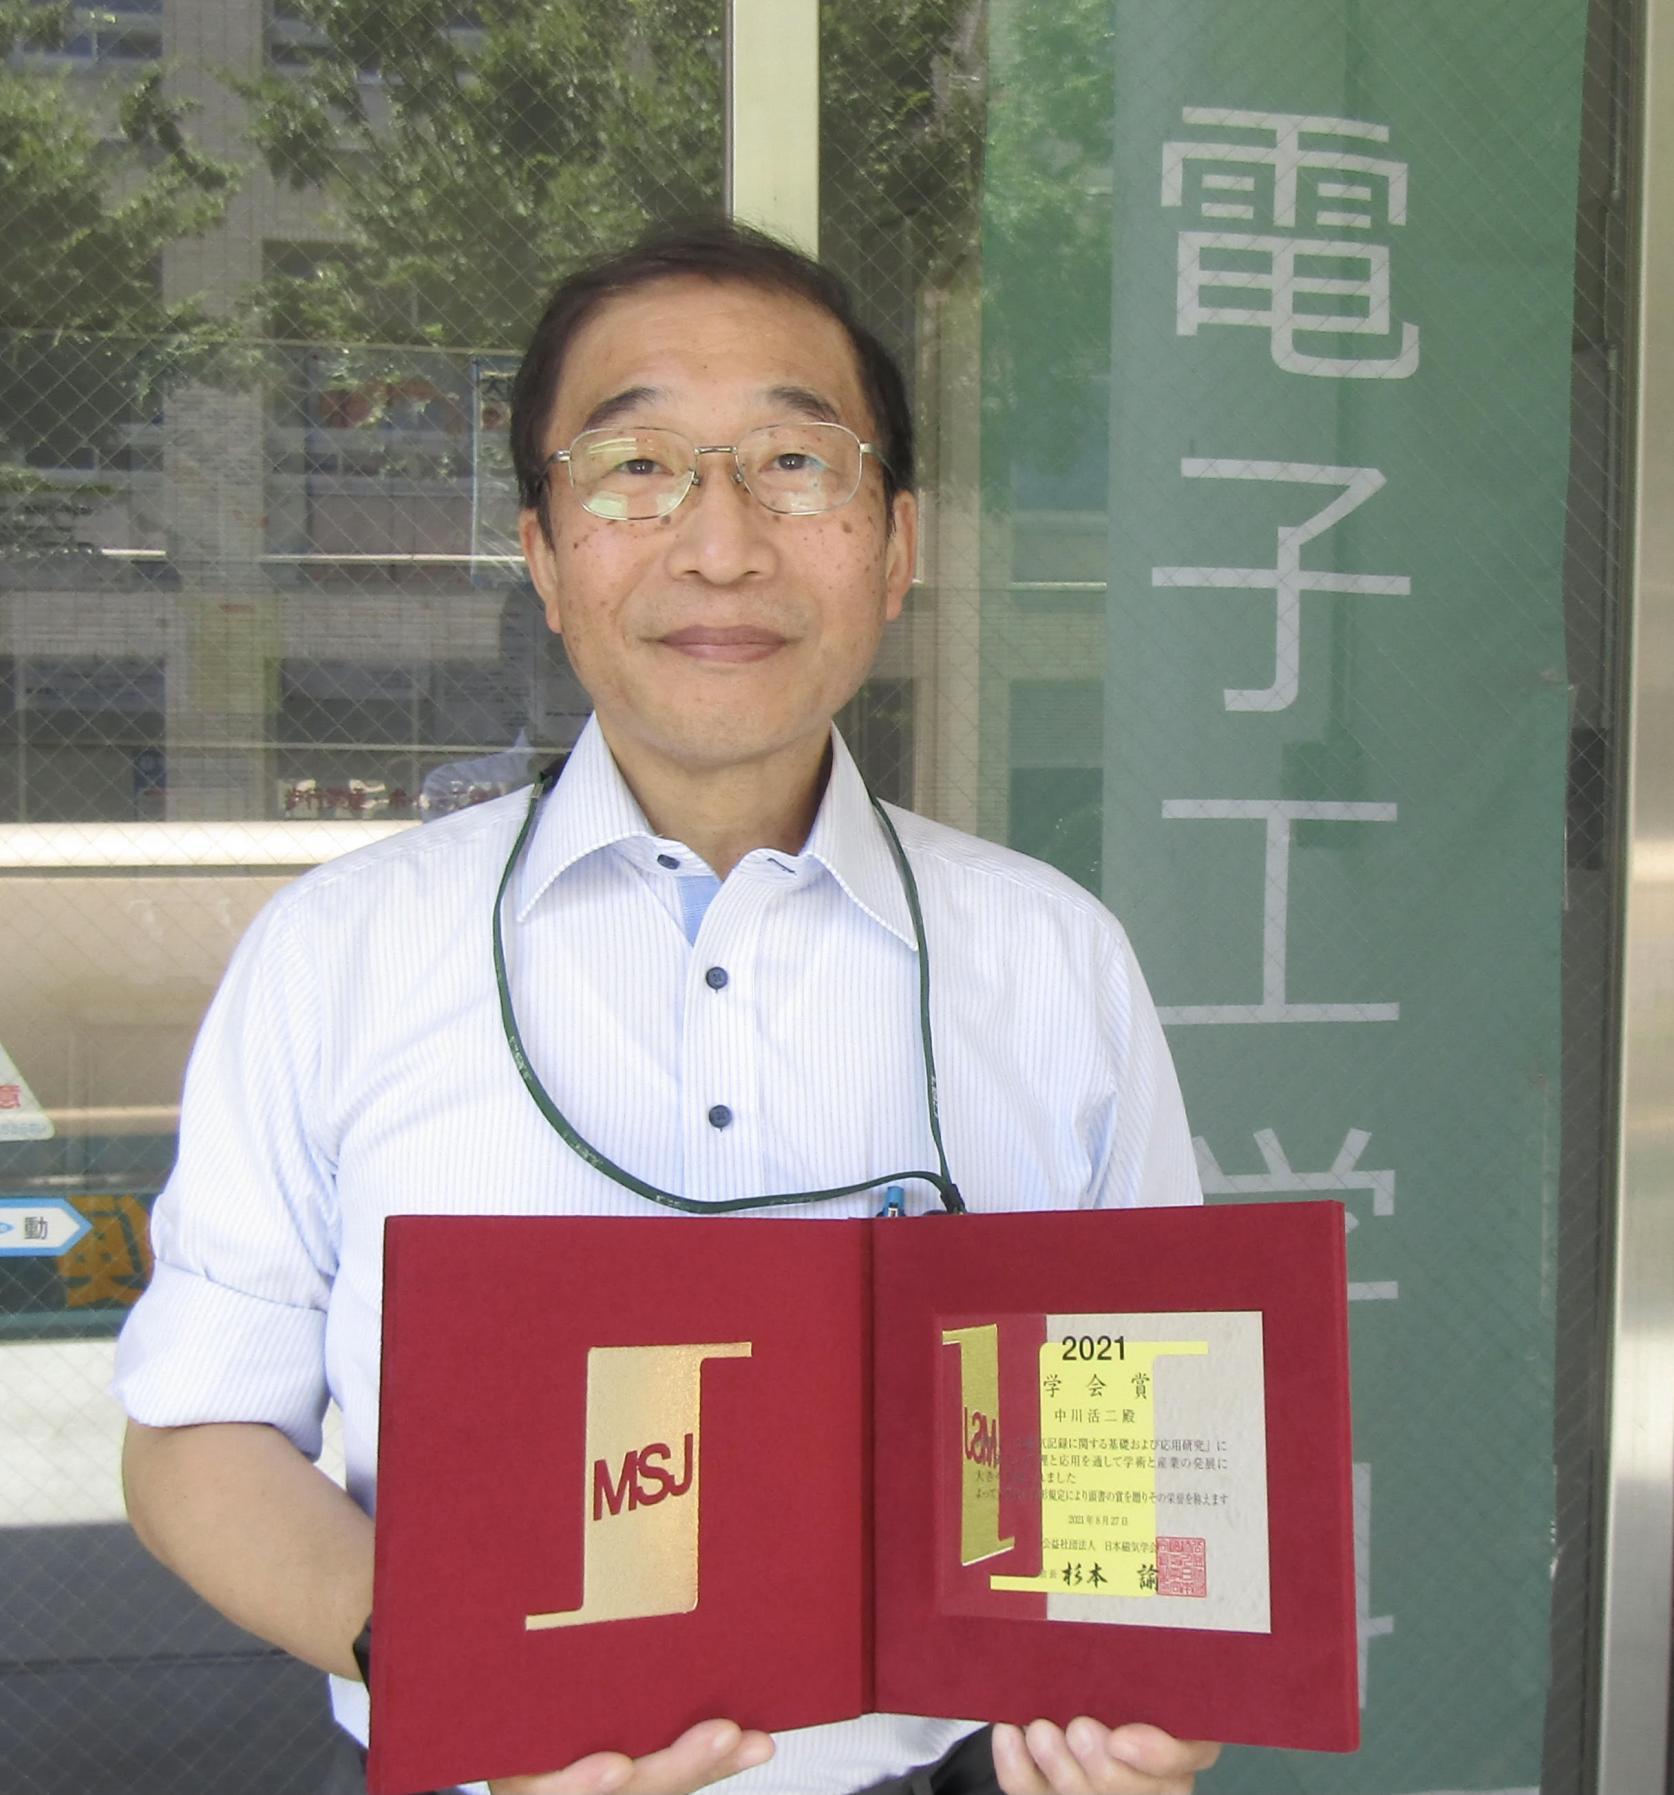 電子工学科の中川活二教授が、「日本磁気学会」において令和3年度学会賞を受賞しました。